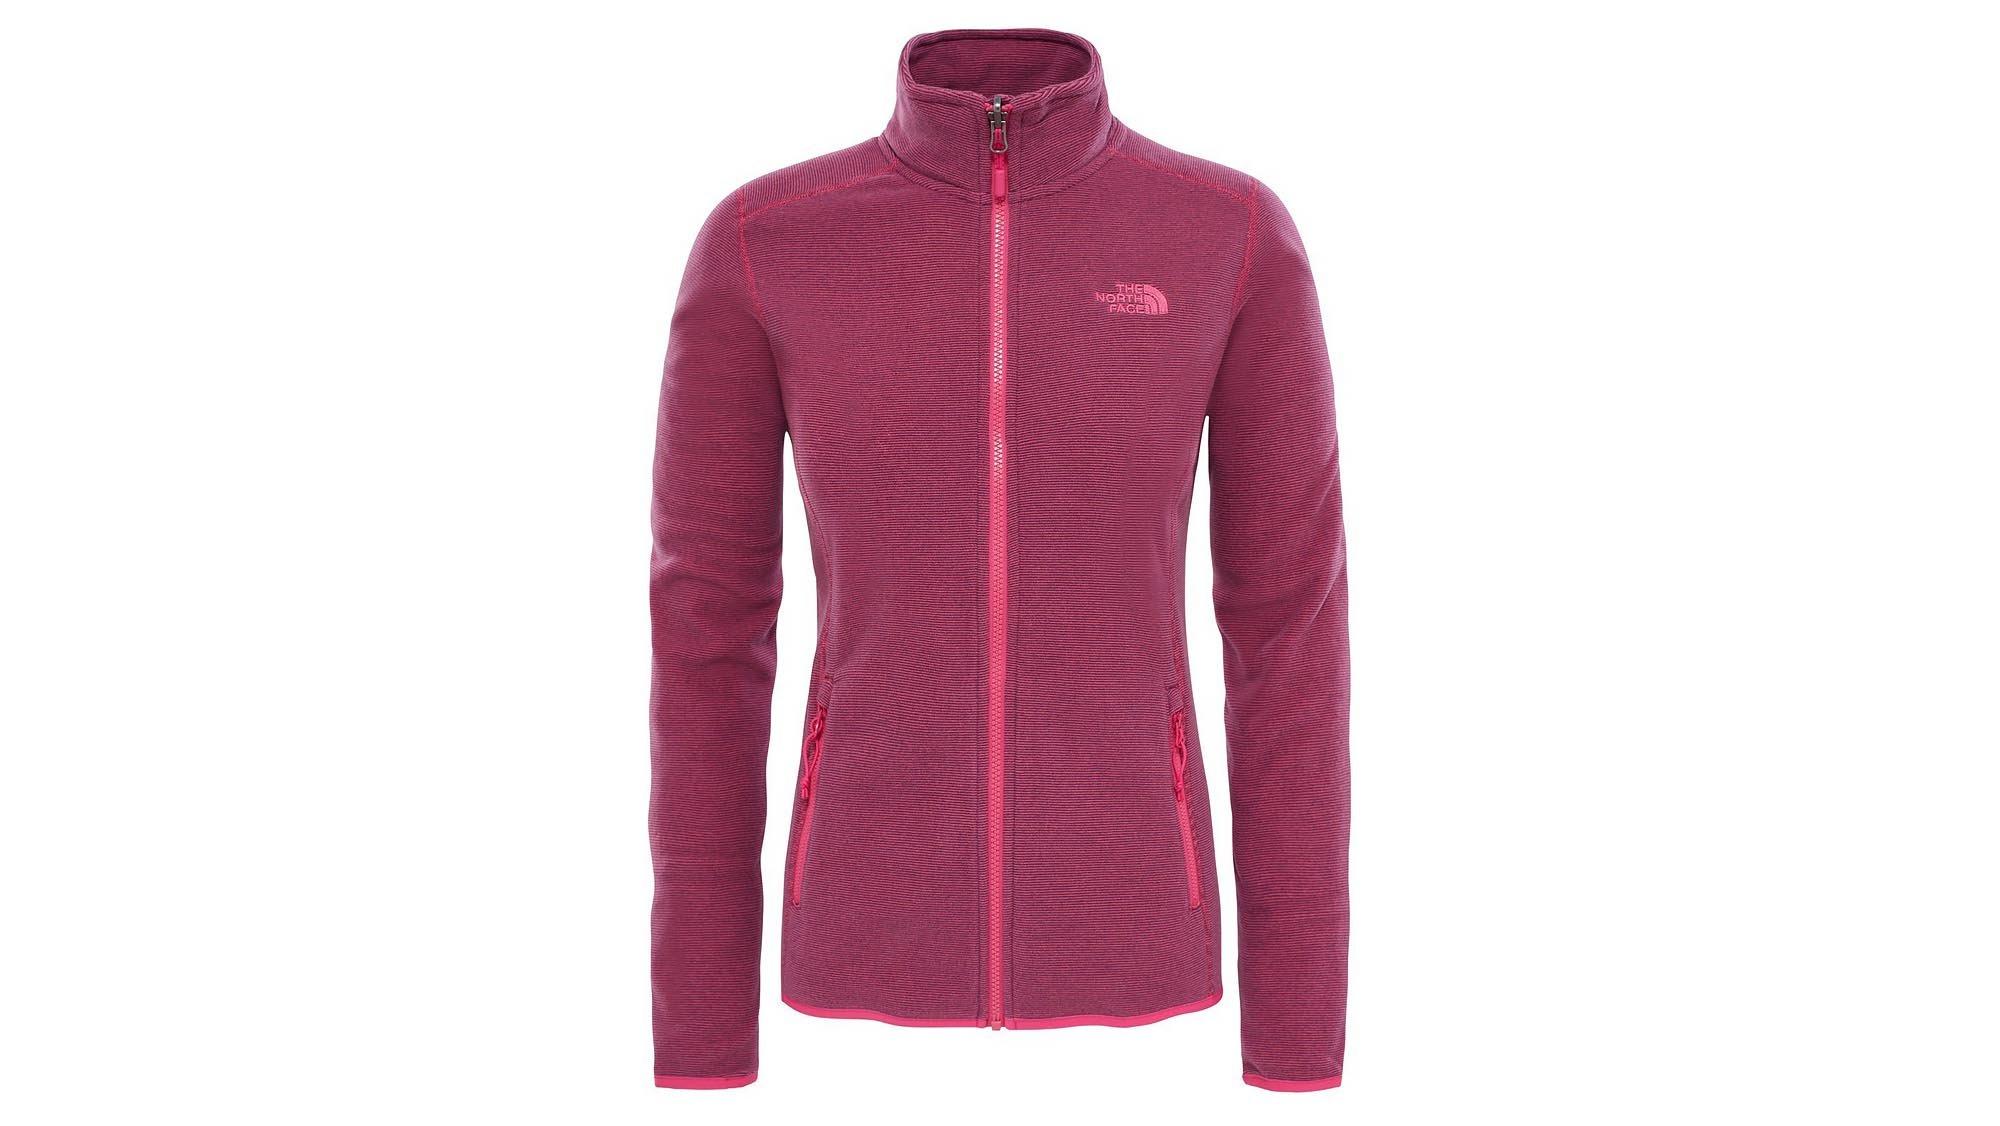 7175804db Best fleece jacket: Fend off the cold with the best fleece hoodies ...